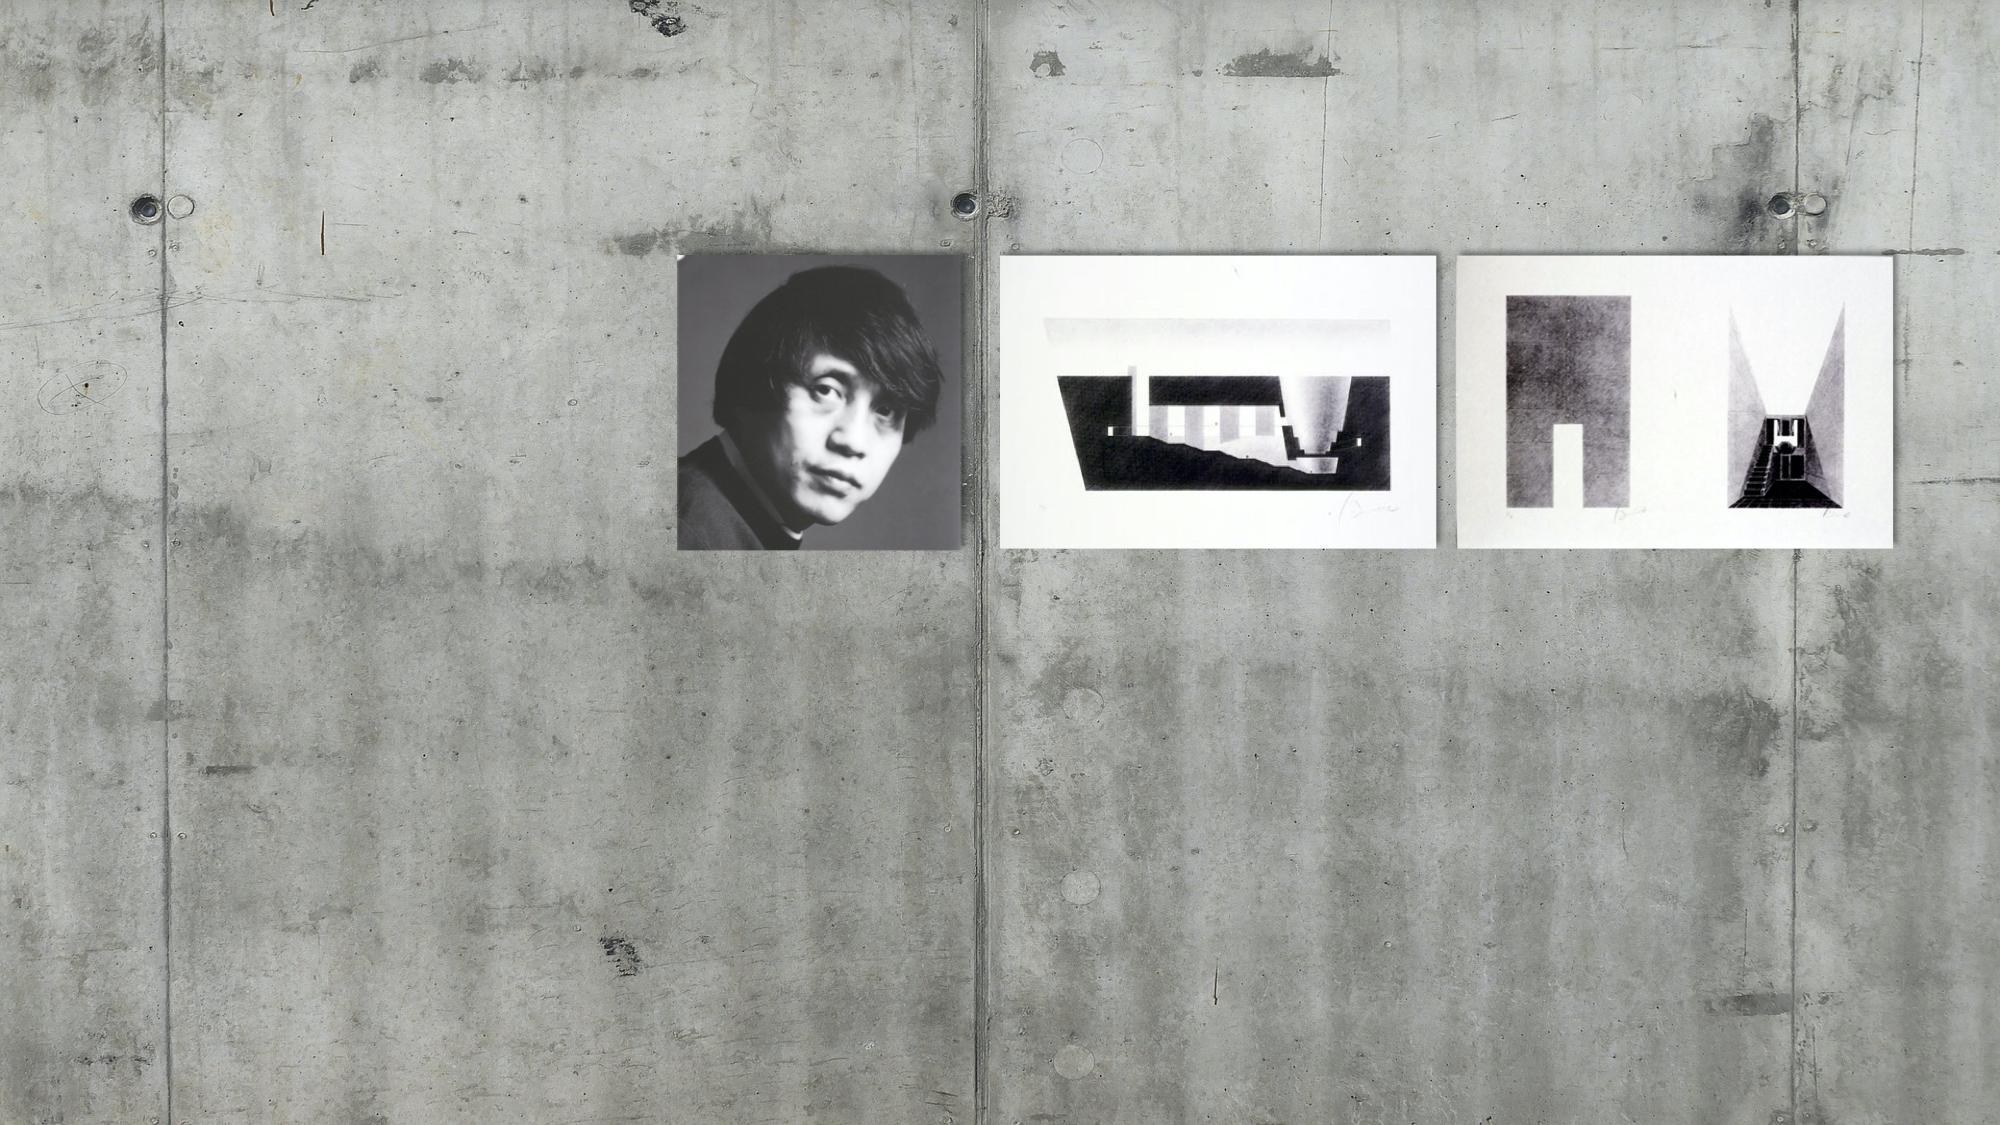 Tadao Ando on Your Wall